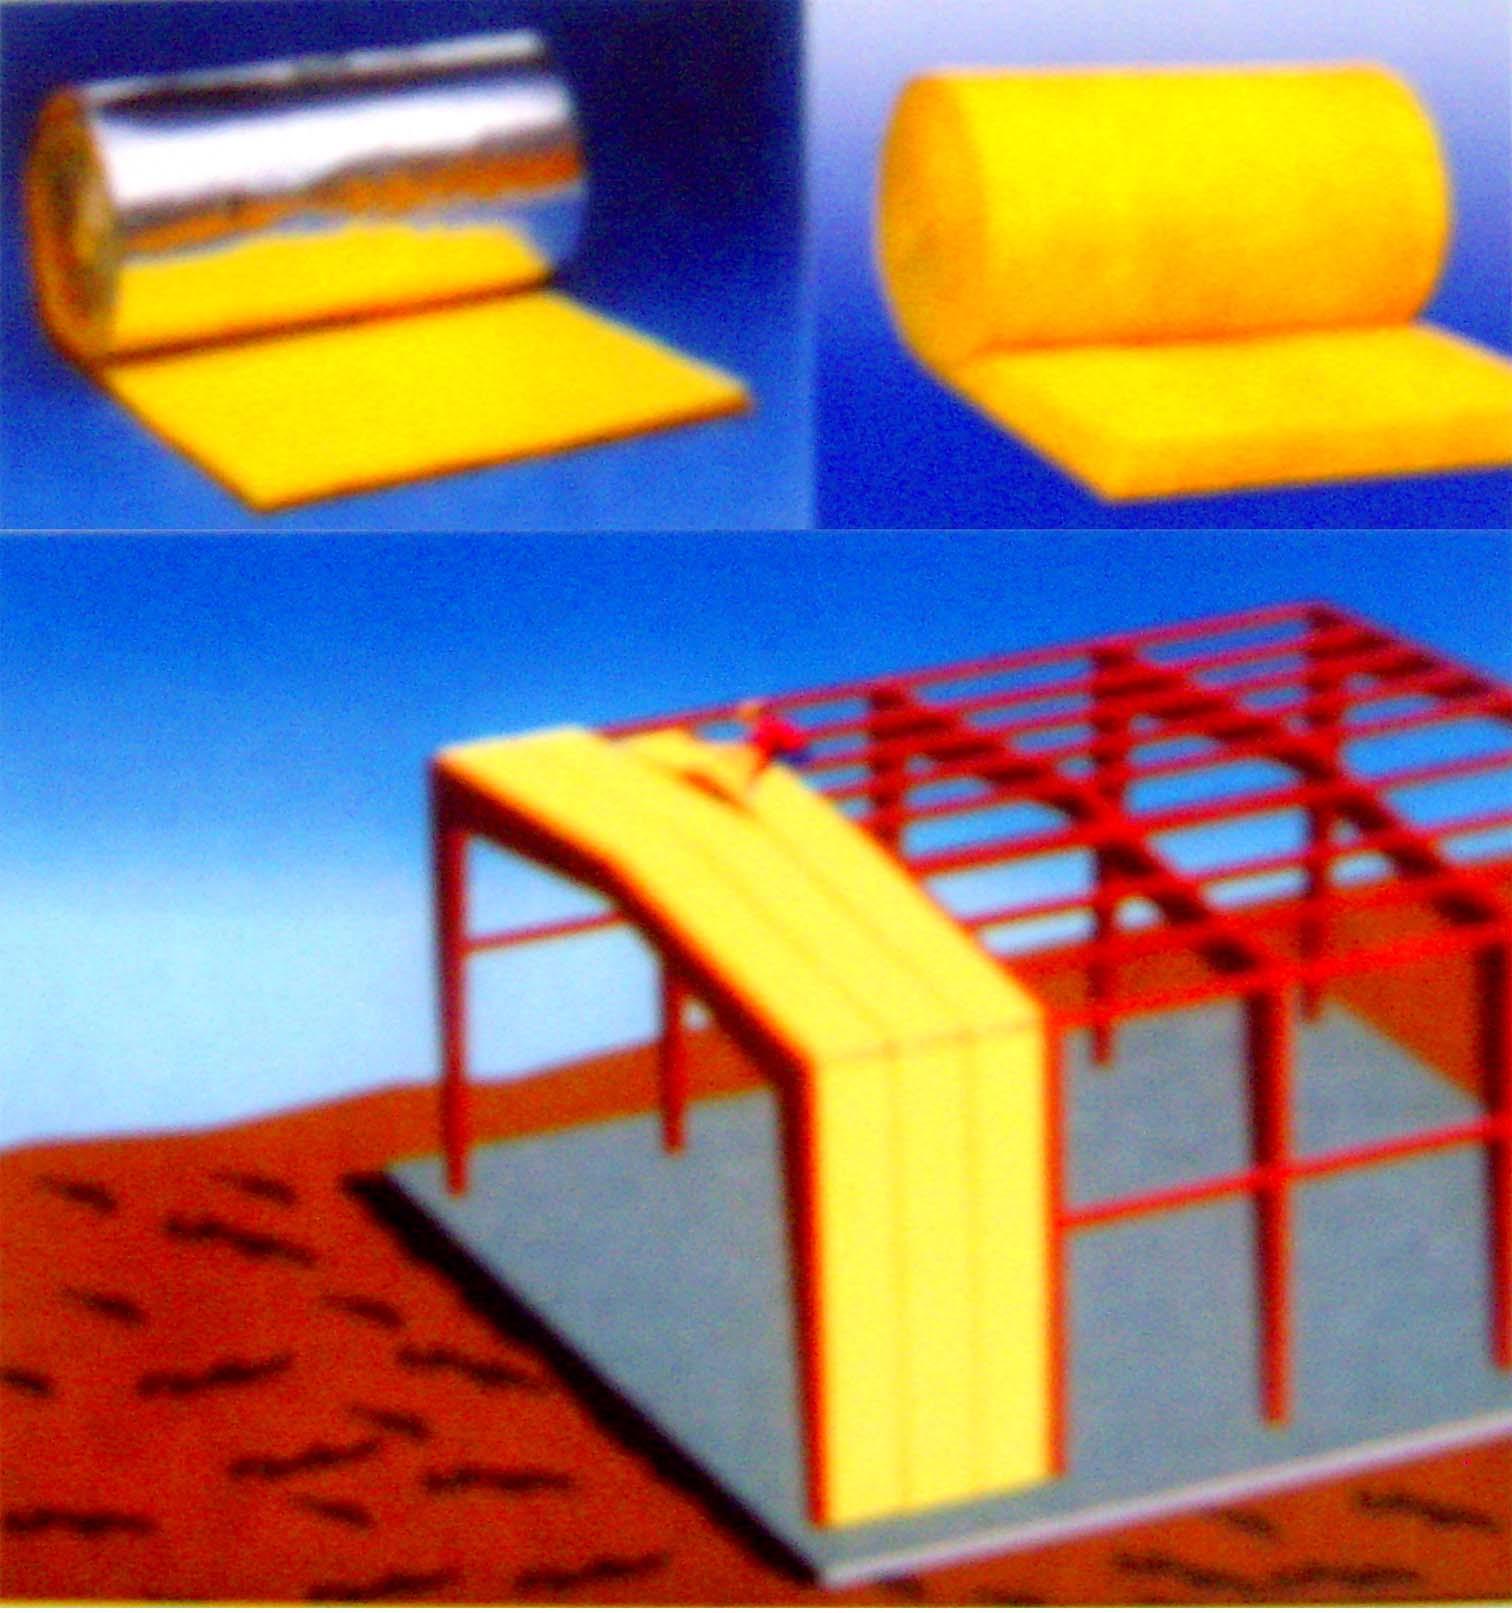 供应建筑节能环保材料铝箔贴面玻璃棉毡(河北生产商批发商)批发